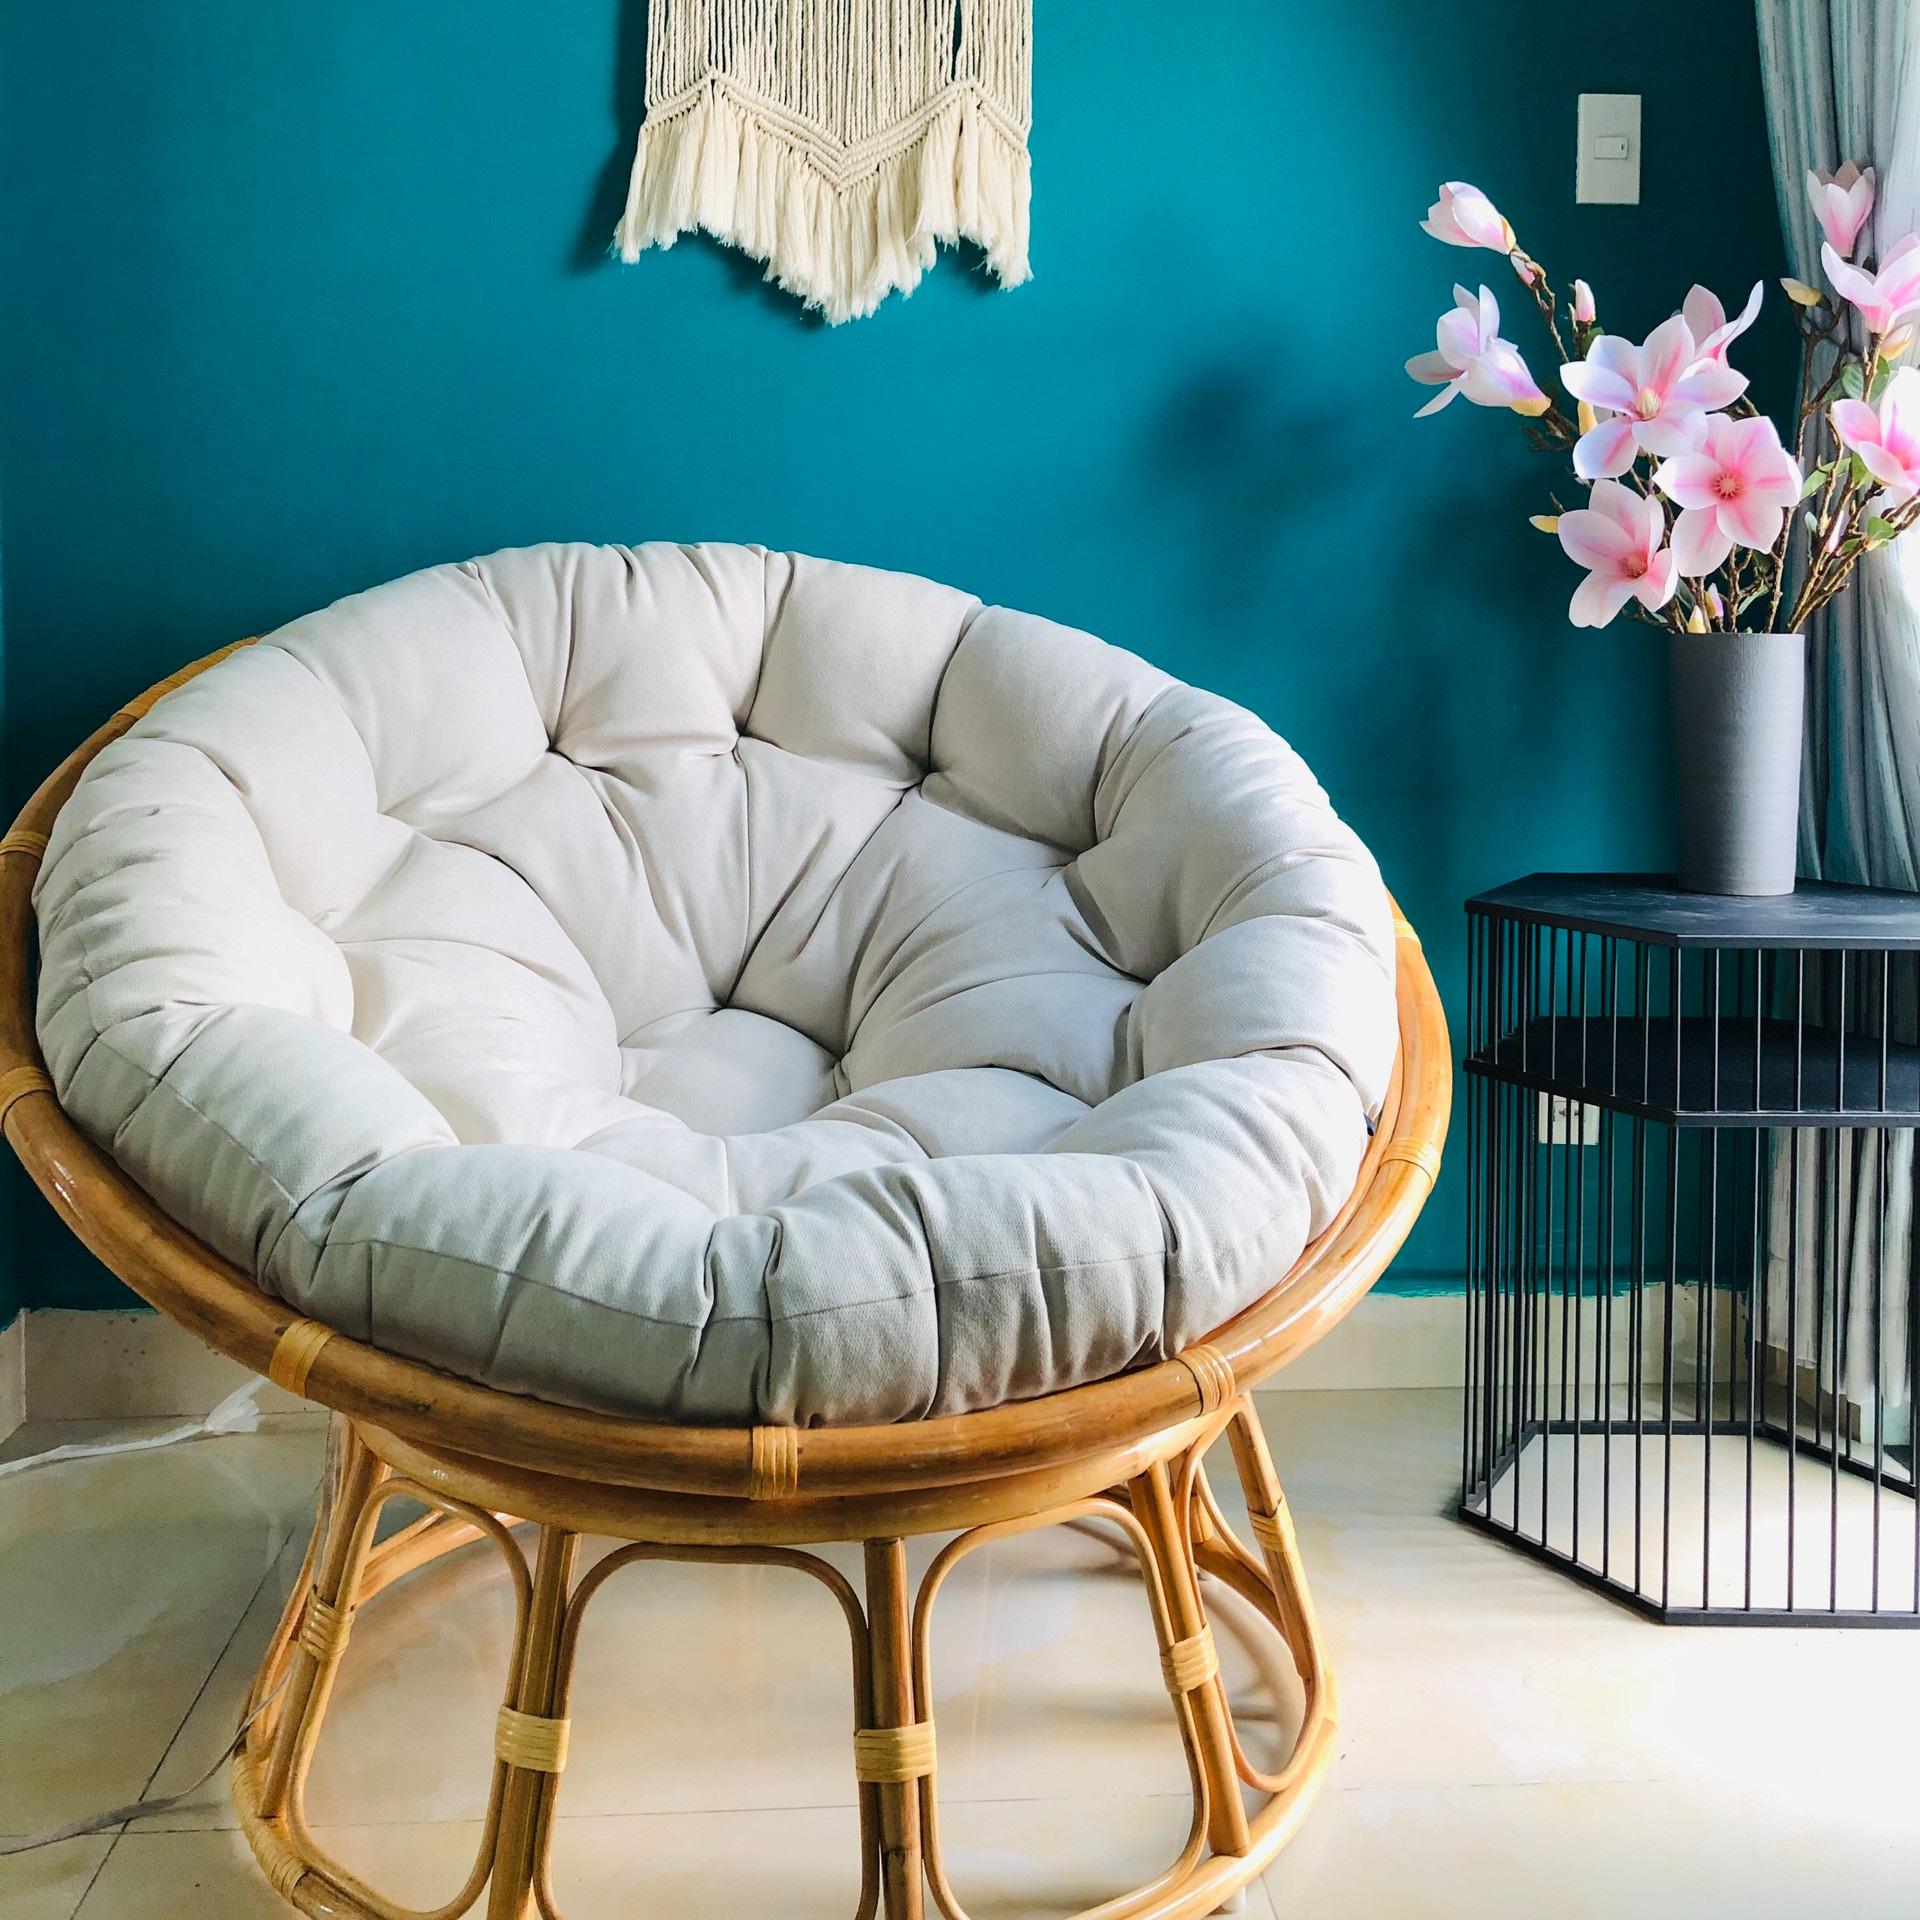 7 mẫu ghế xinh xẻo vừa decor nhà vừa làm đạo cụ để bạn sống ảo như Jennie - Ảnh 5.